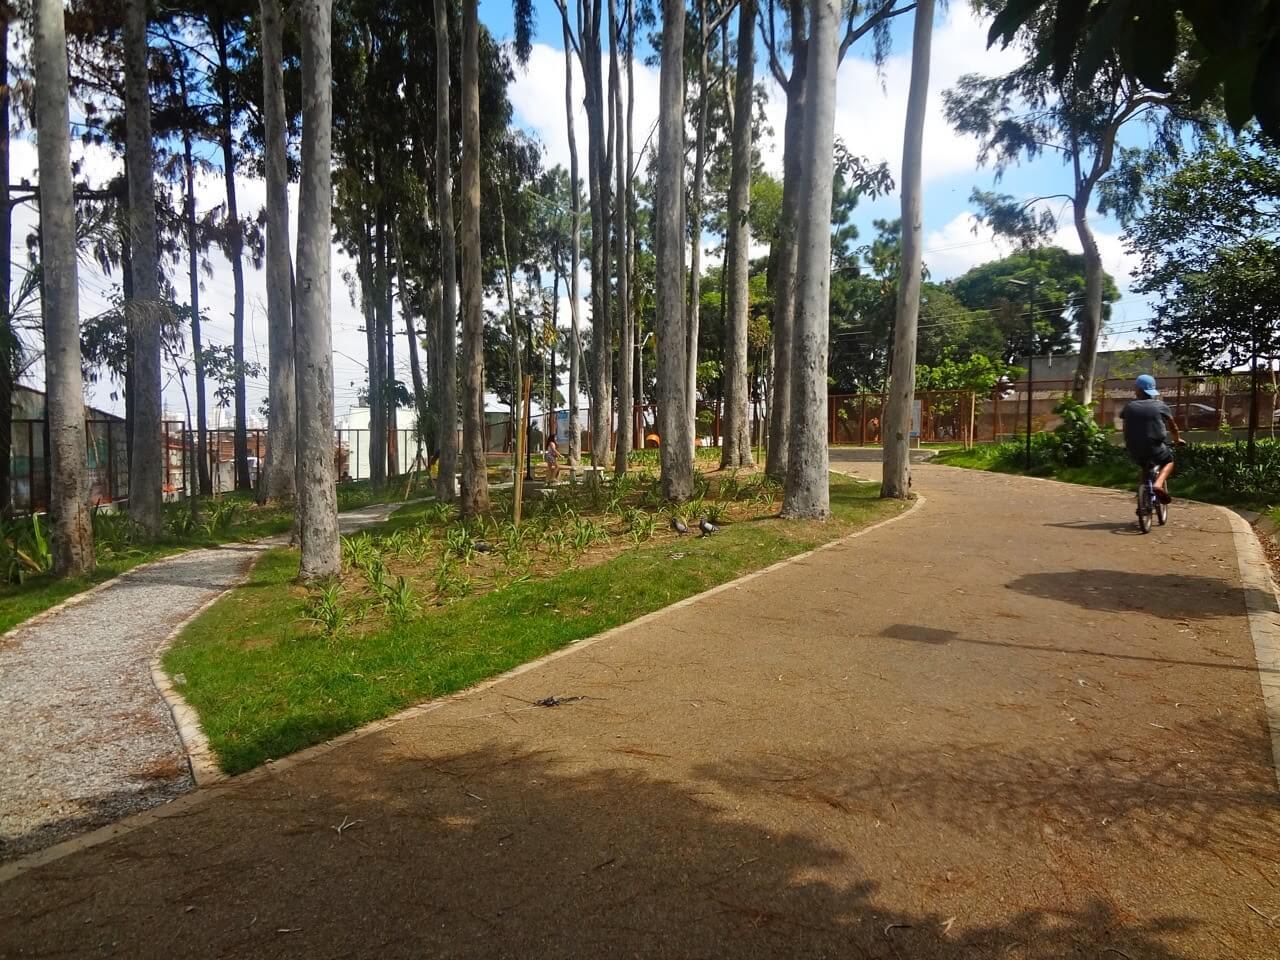 desentupidora cangaiba,empresa desentupidora no bairro do cangaiba sp